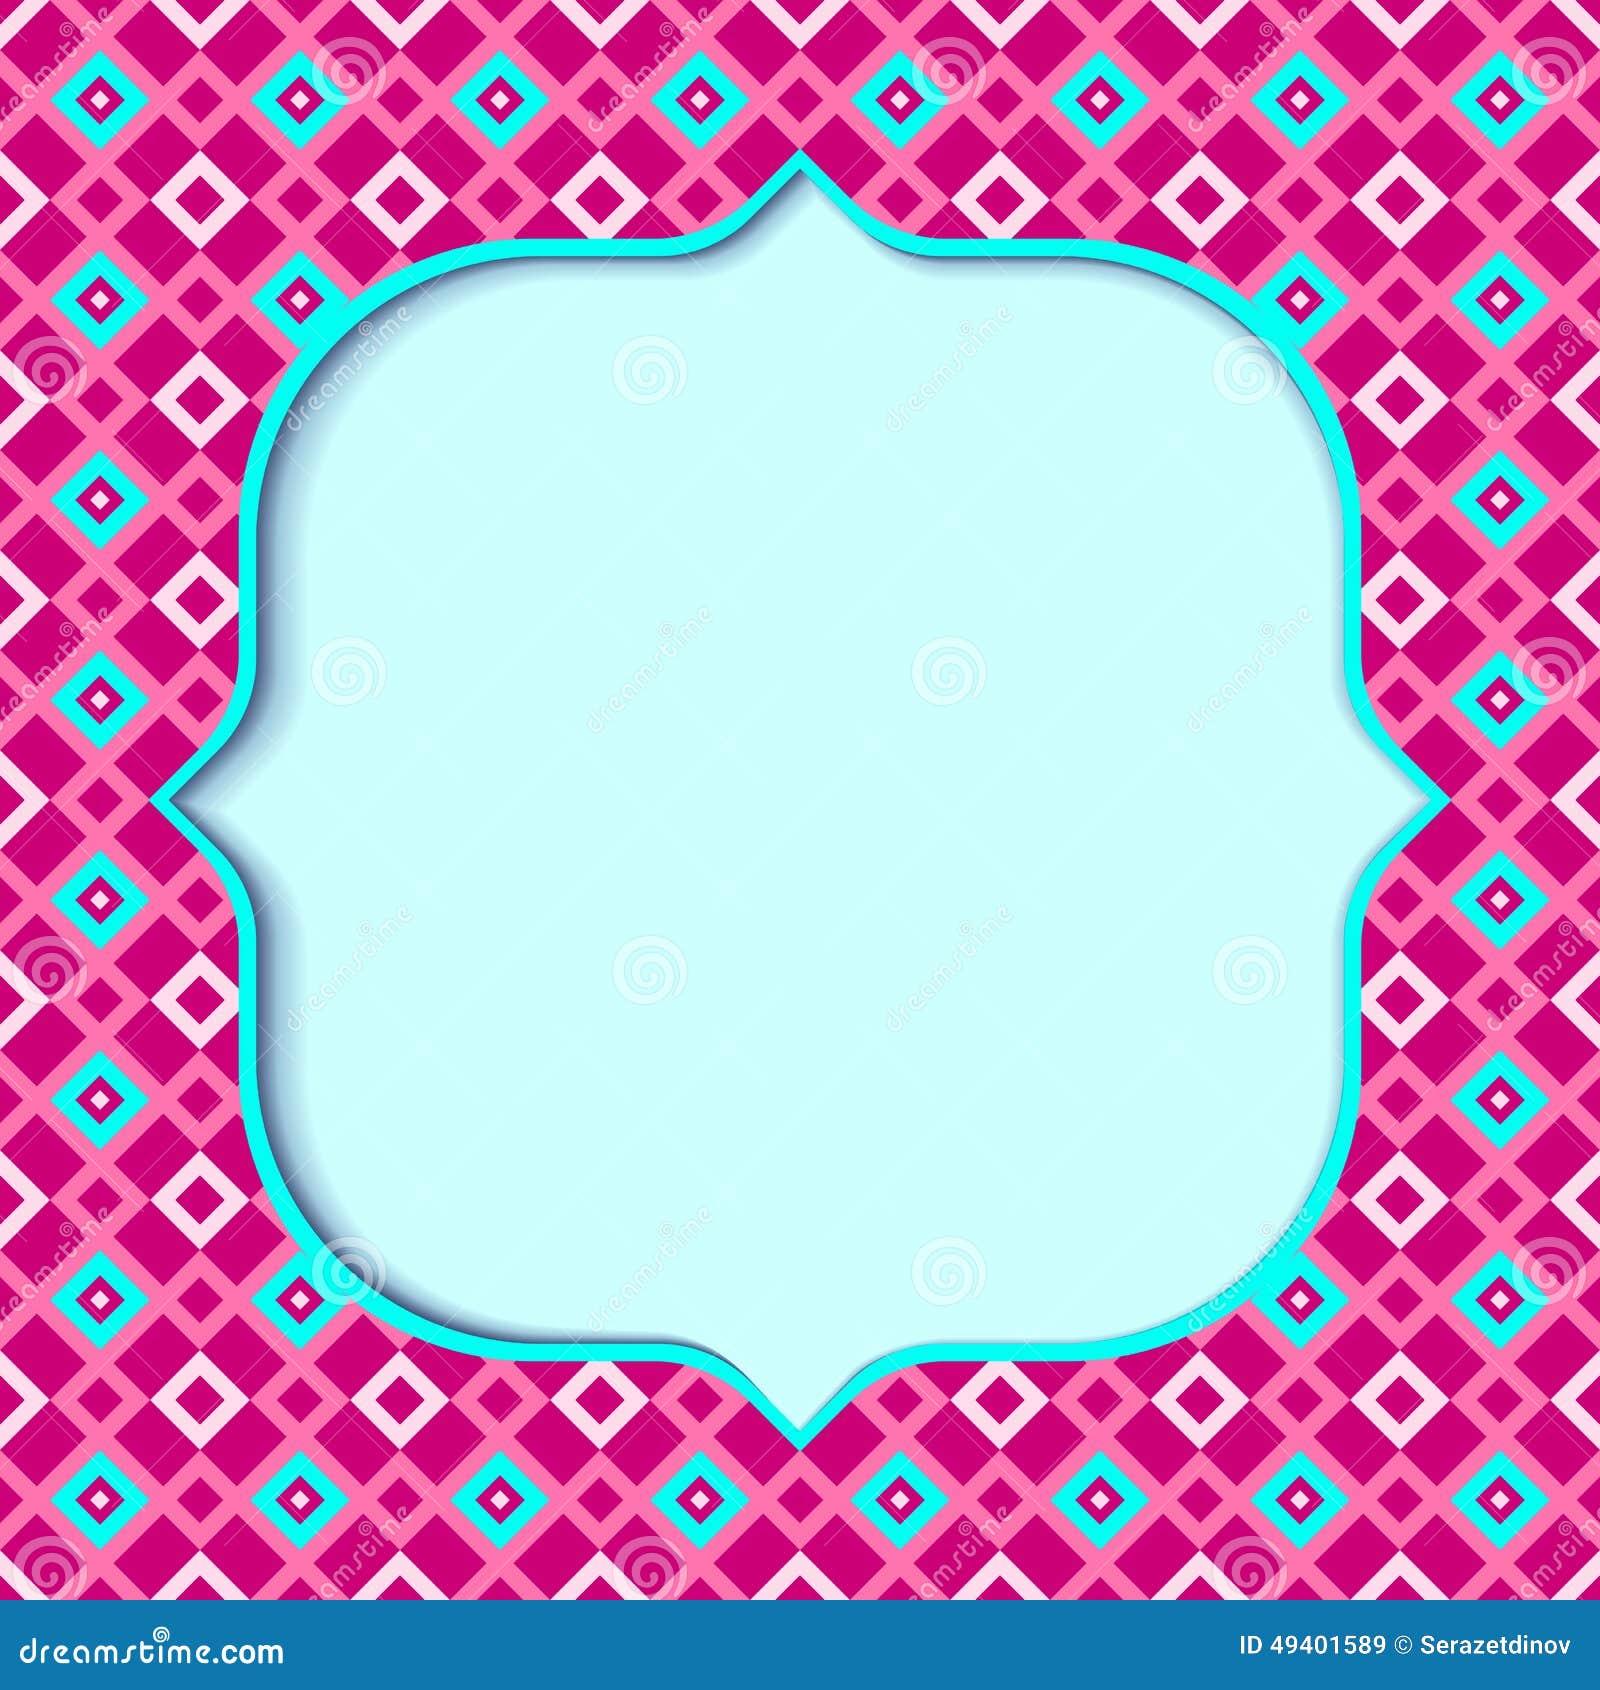 Download Geometrischer Hintergrund vektor abbildung. Illustration von blau - 49401589